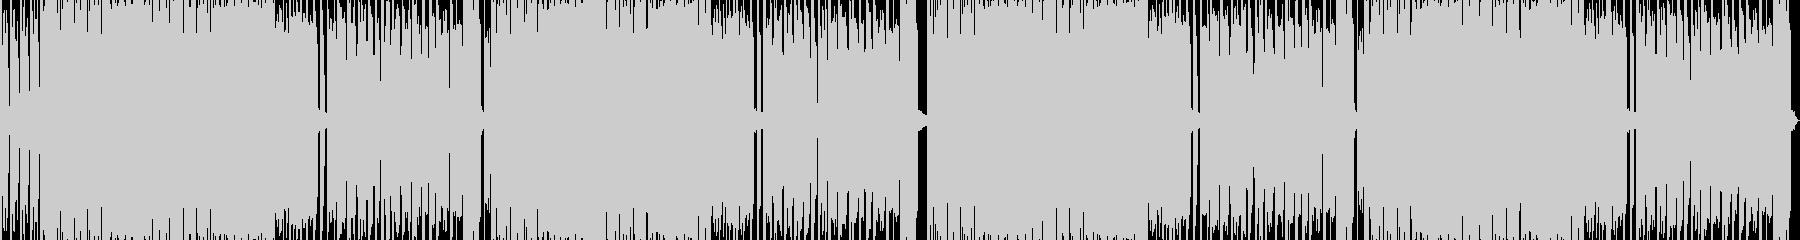 ファミコンアクションBOSSの未再生の波形